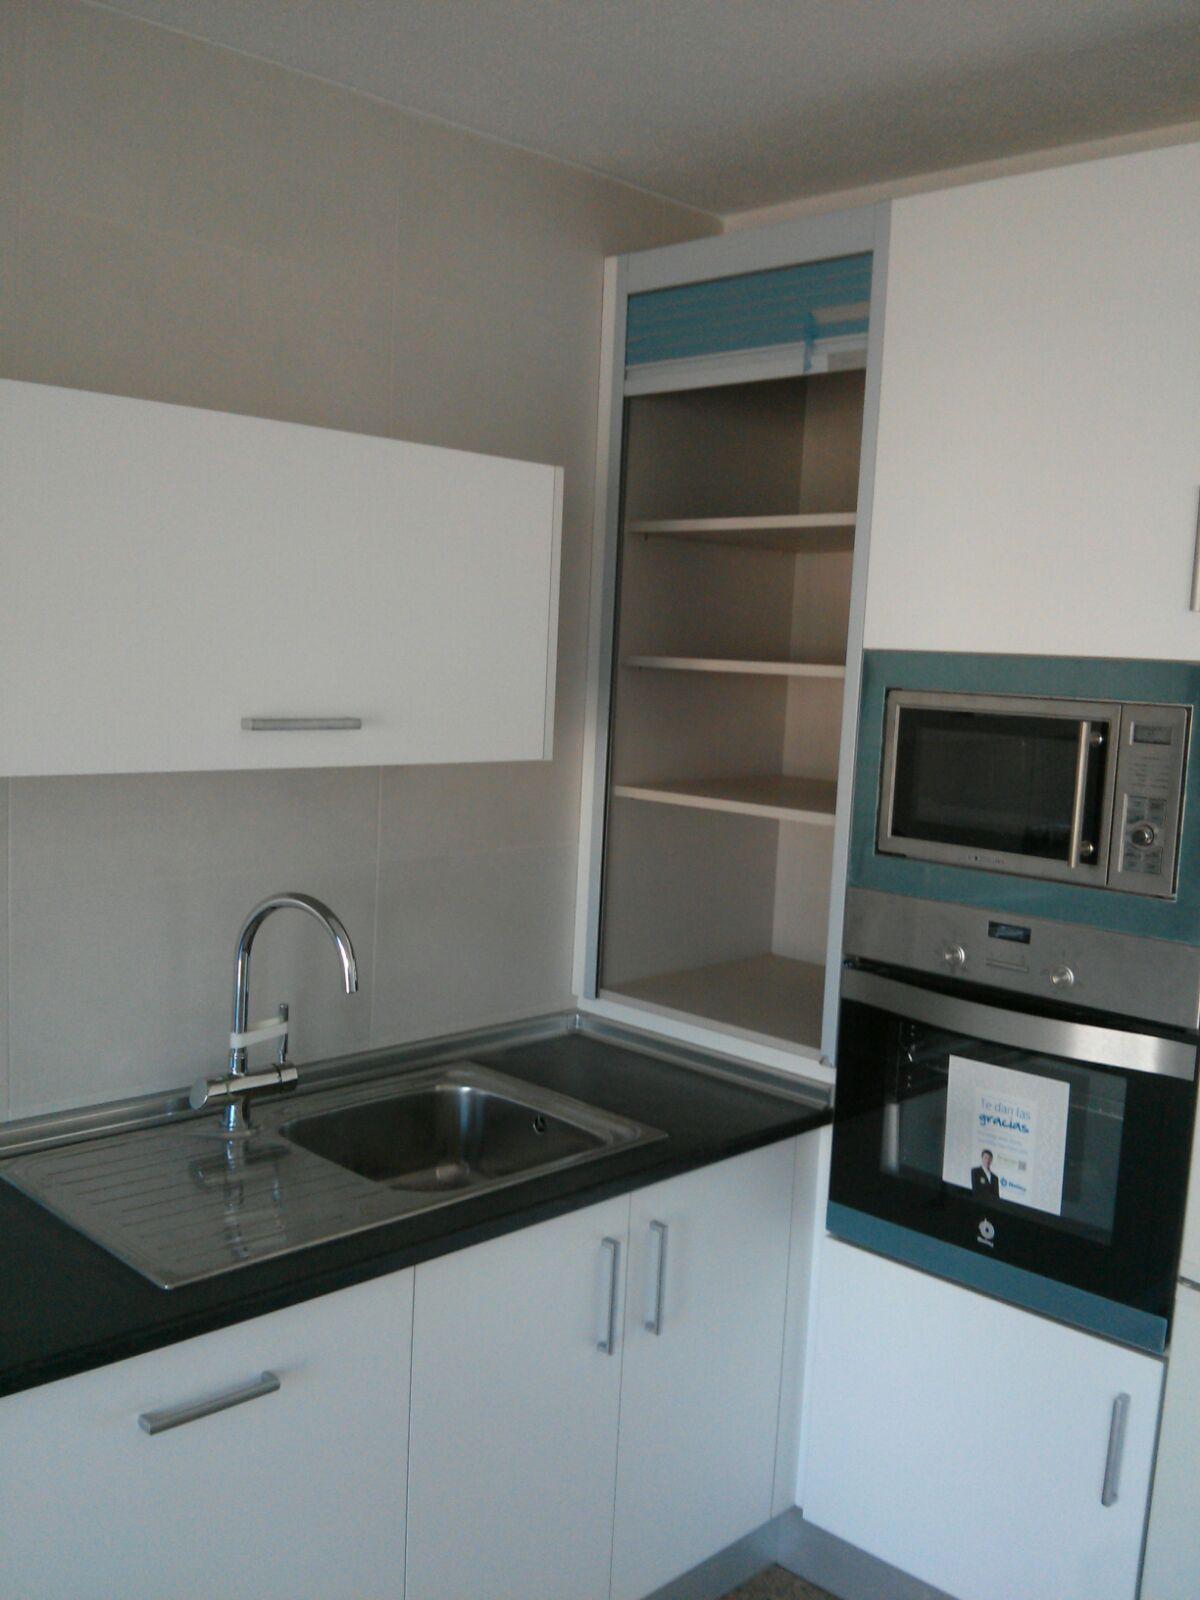 Carpinteria los molinos cocina modelo maxximatt blanco - Persianas para muebles de cocina ...